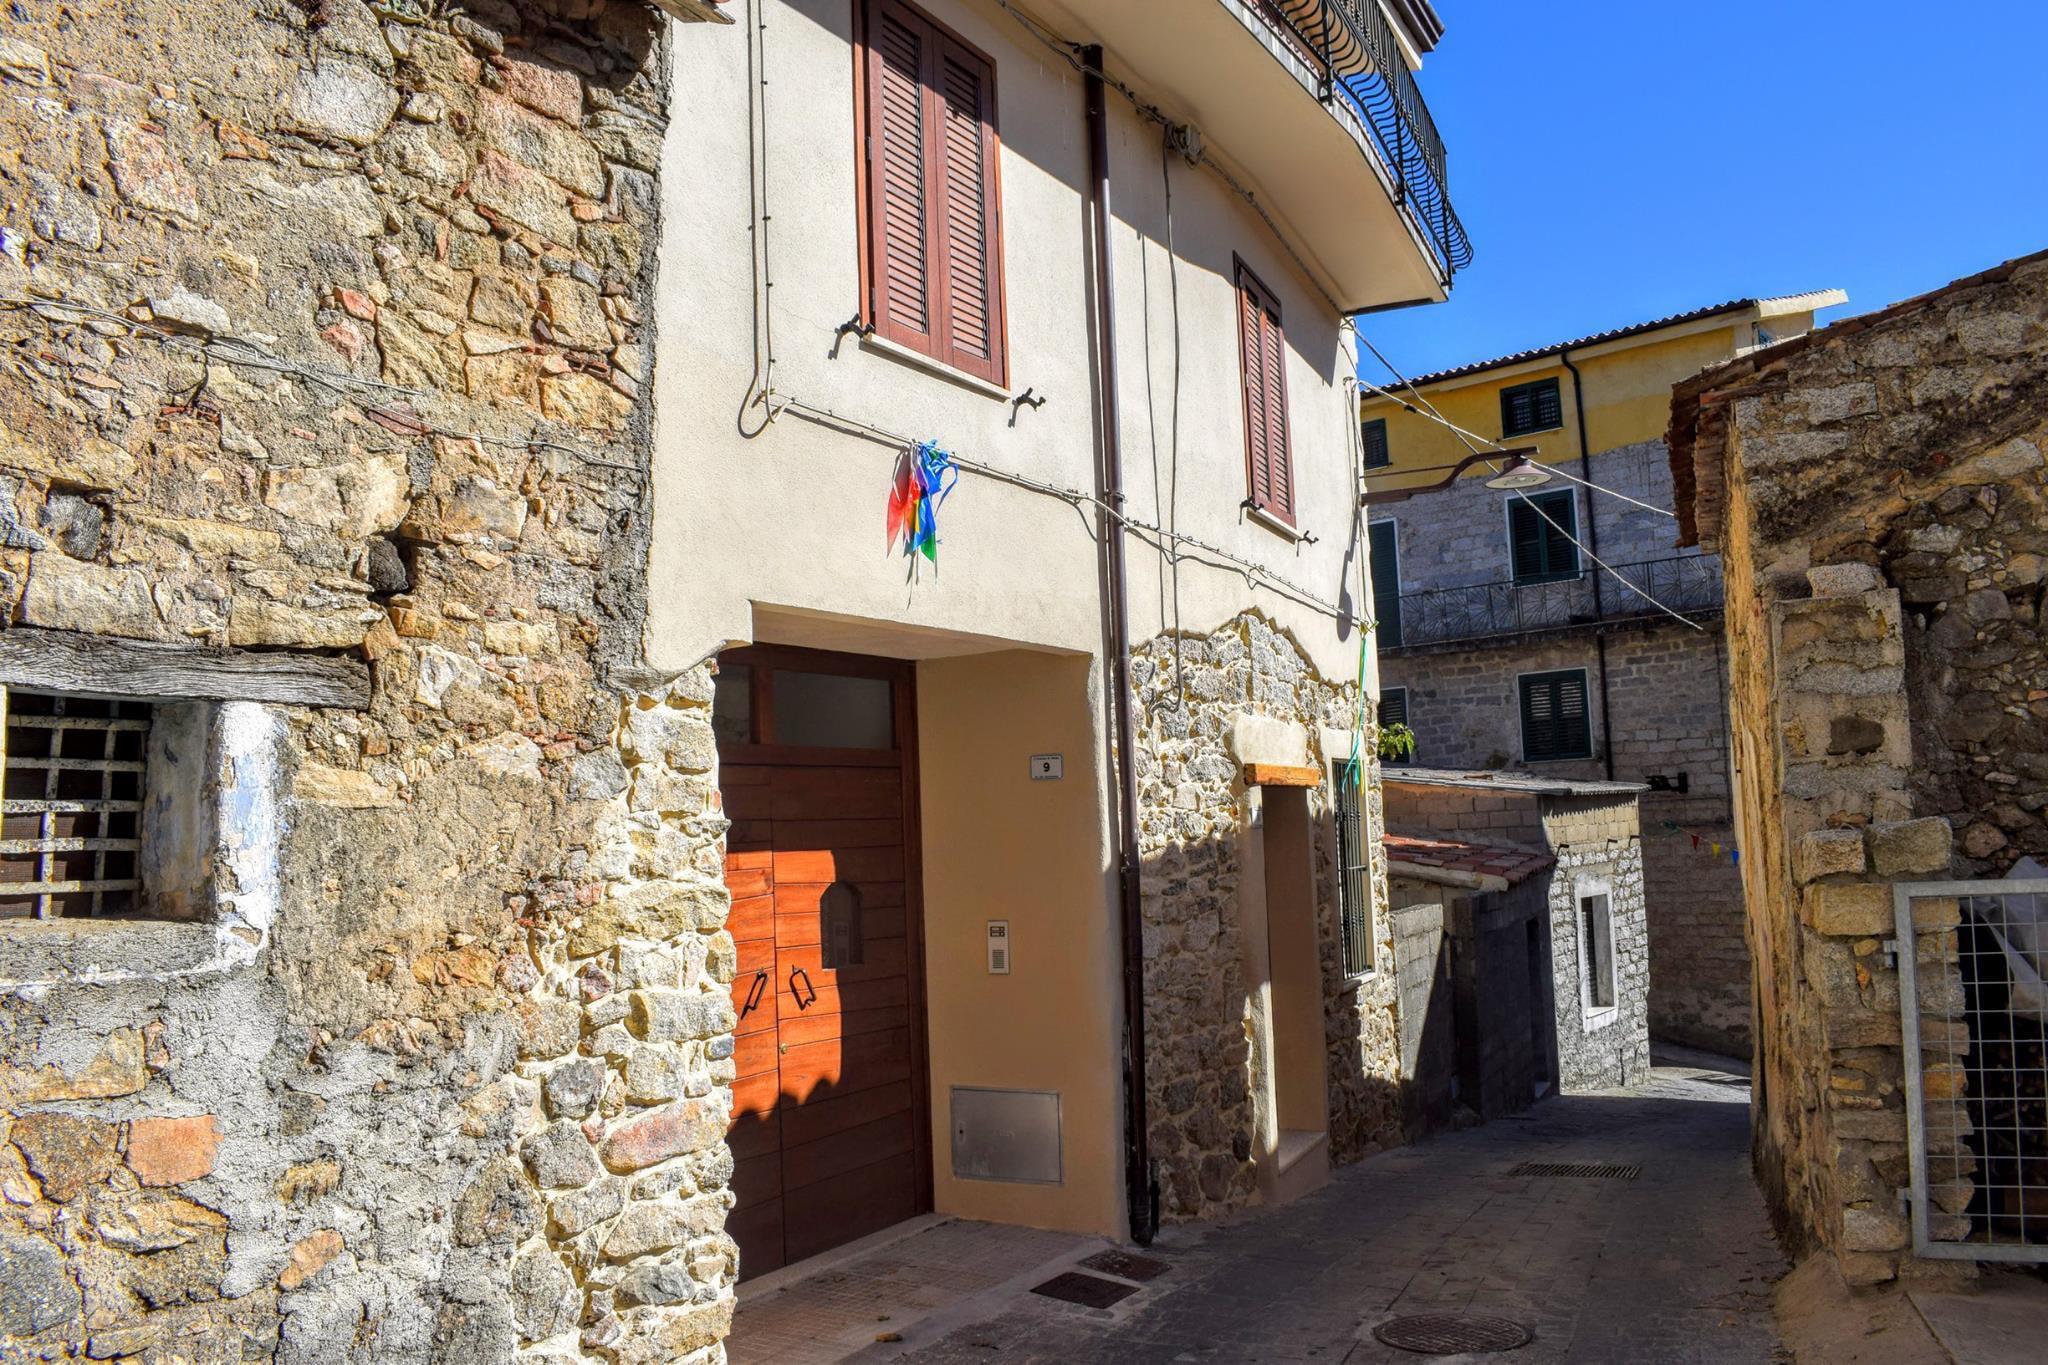 05 Италийн нэгэн хот байшингуудаа нэг еврогоор зарж байна